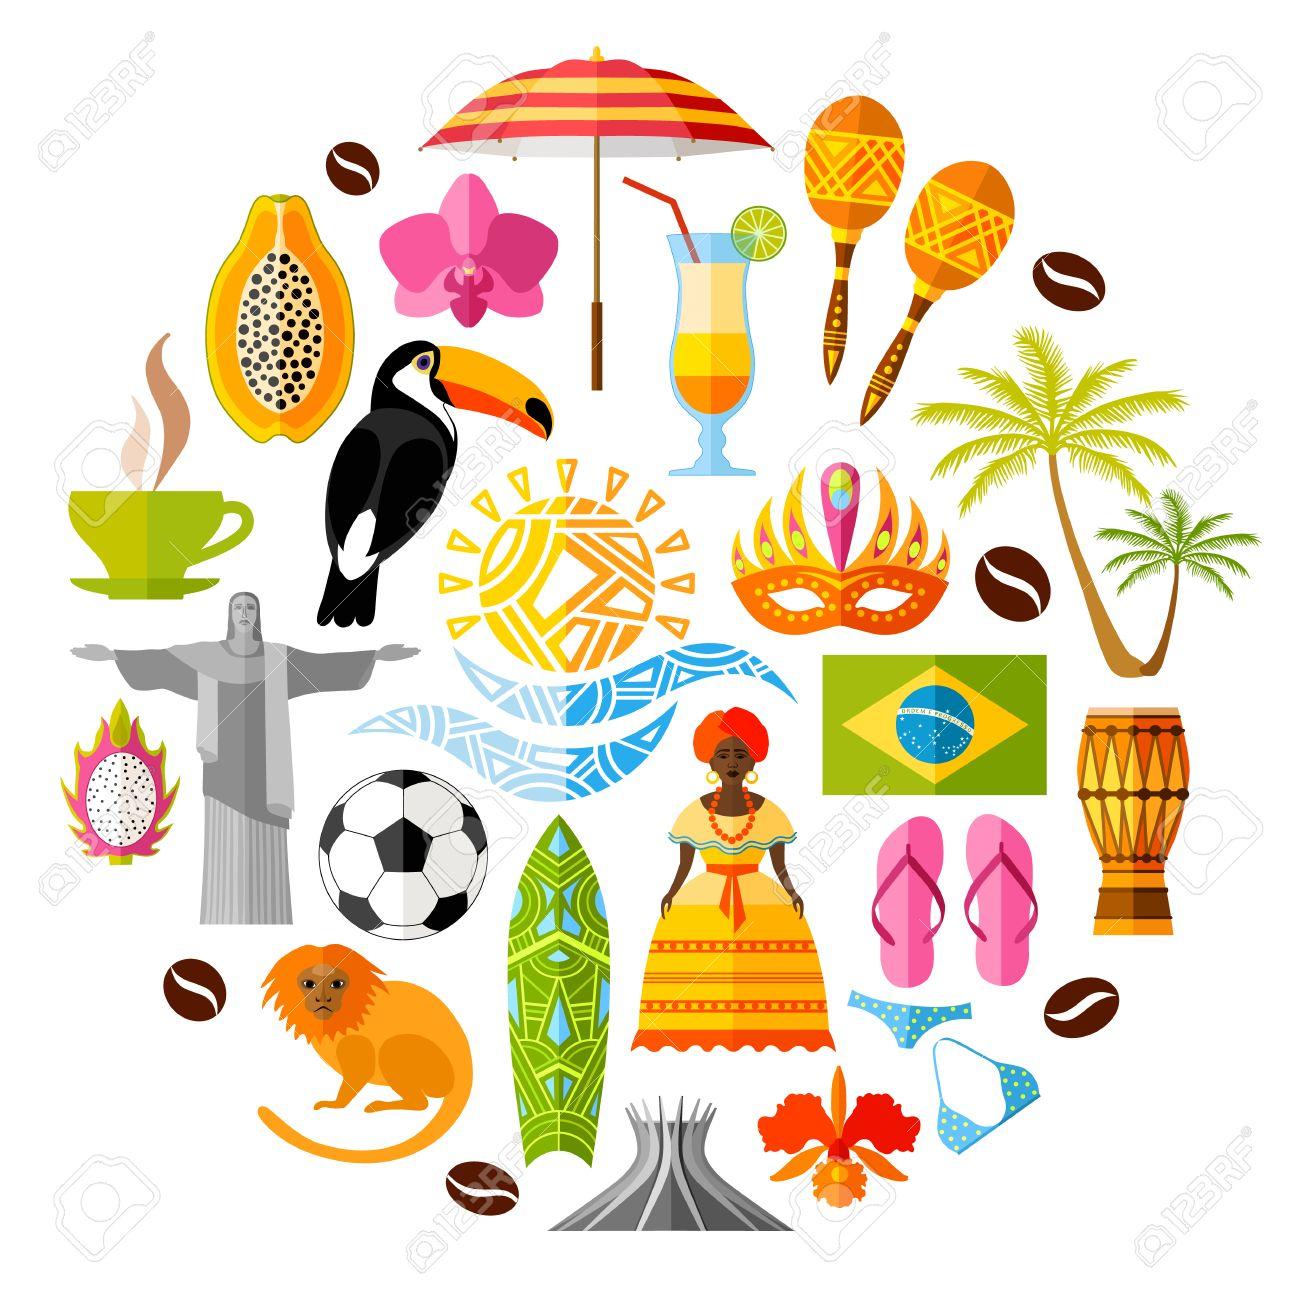 ブラジルの伝統的な国の象徴ブラジルのアイコンのセットですフラット